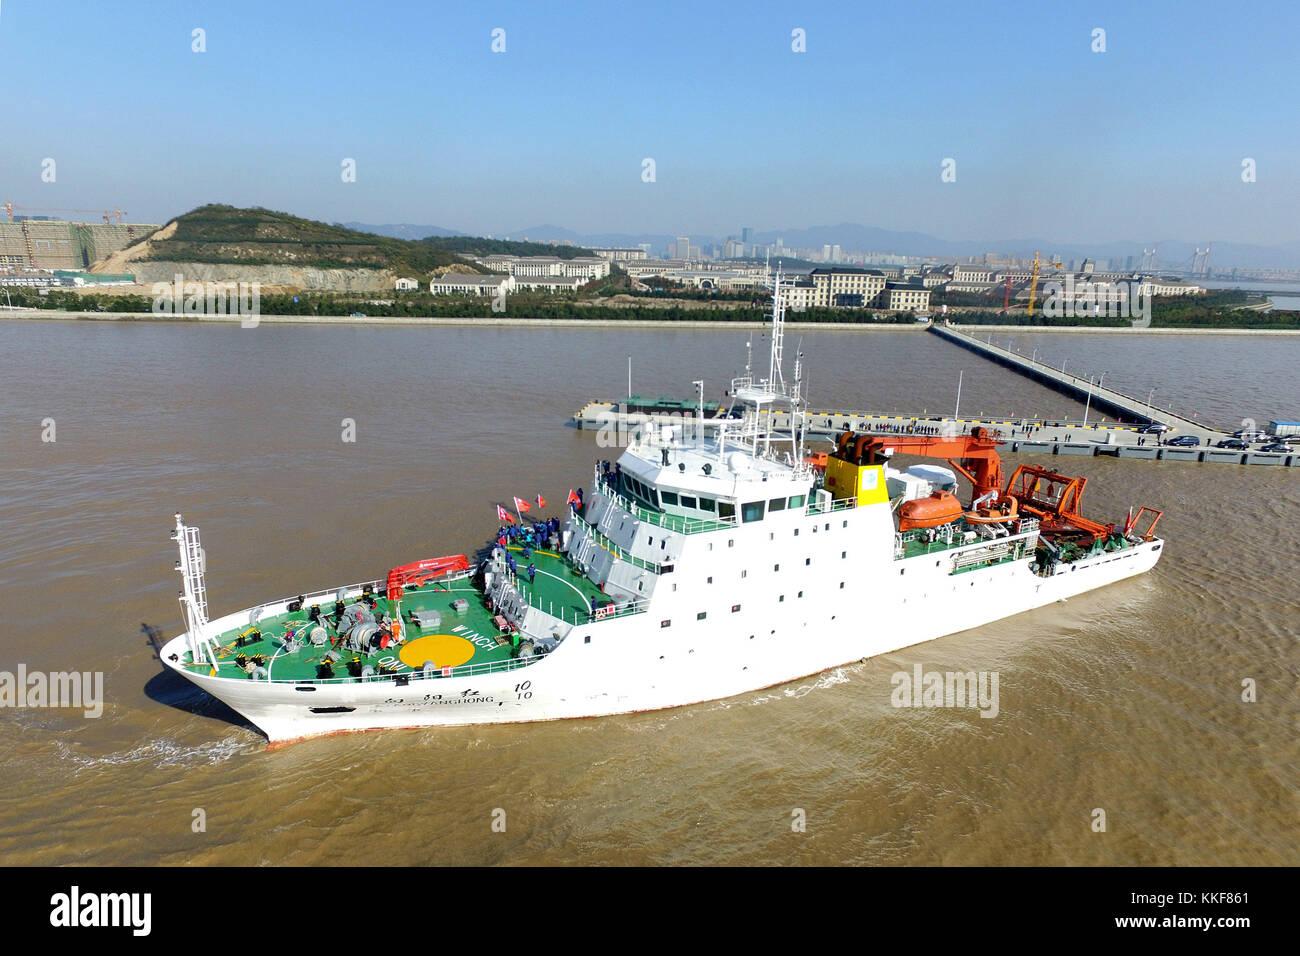 Zhoushan. 6th Dec, 2017. Chinese research ship 'Xiangyanghong 10' sets sail at Changzhi Island pier in Zhoushan - Stock Image